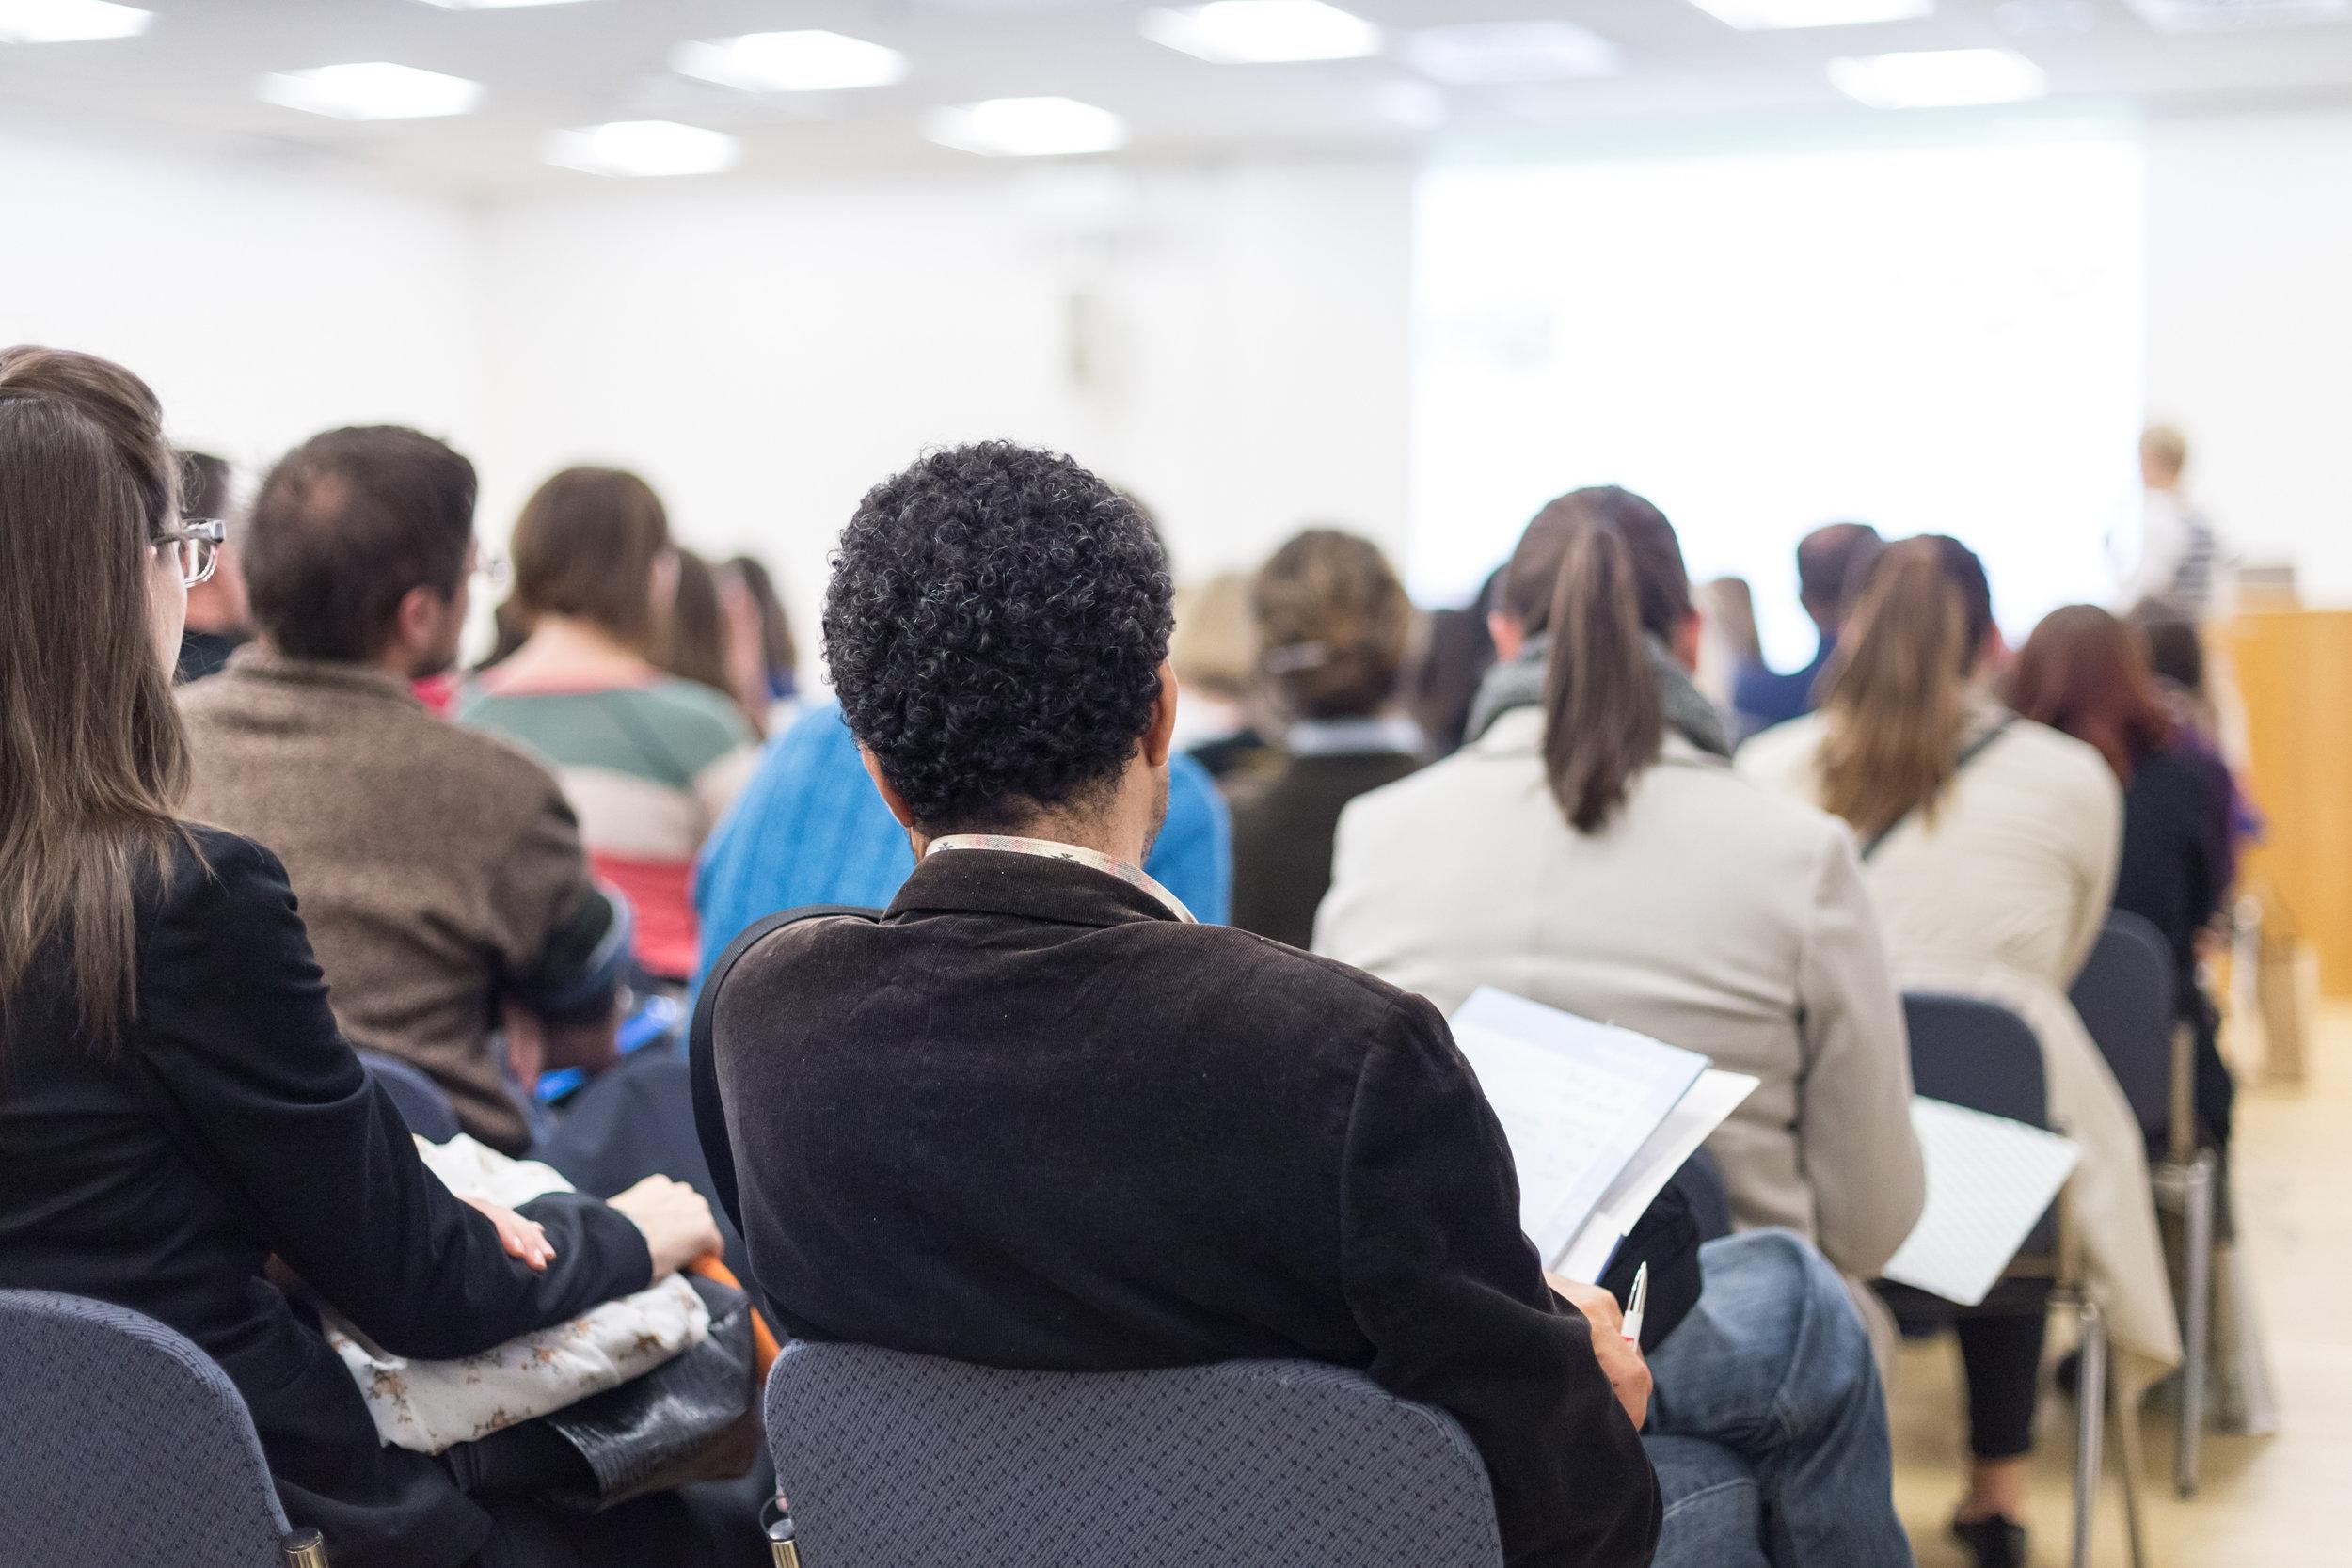 Business people enjoy an expert speech